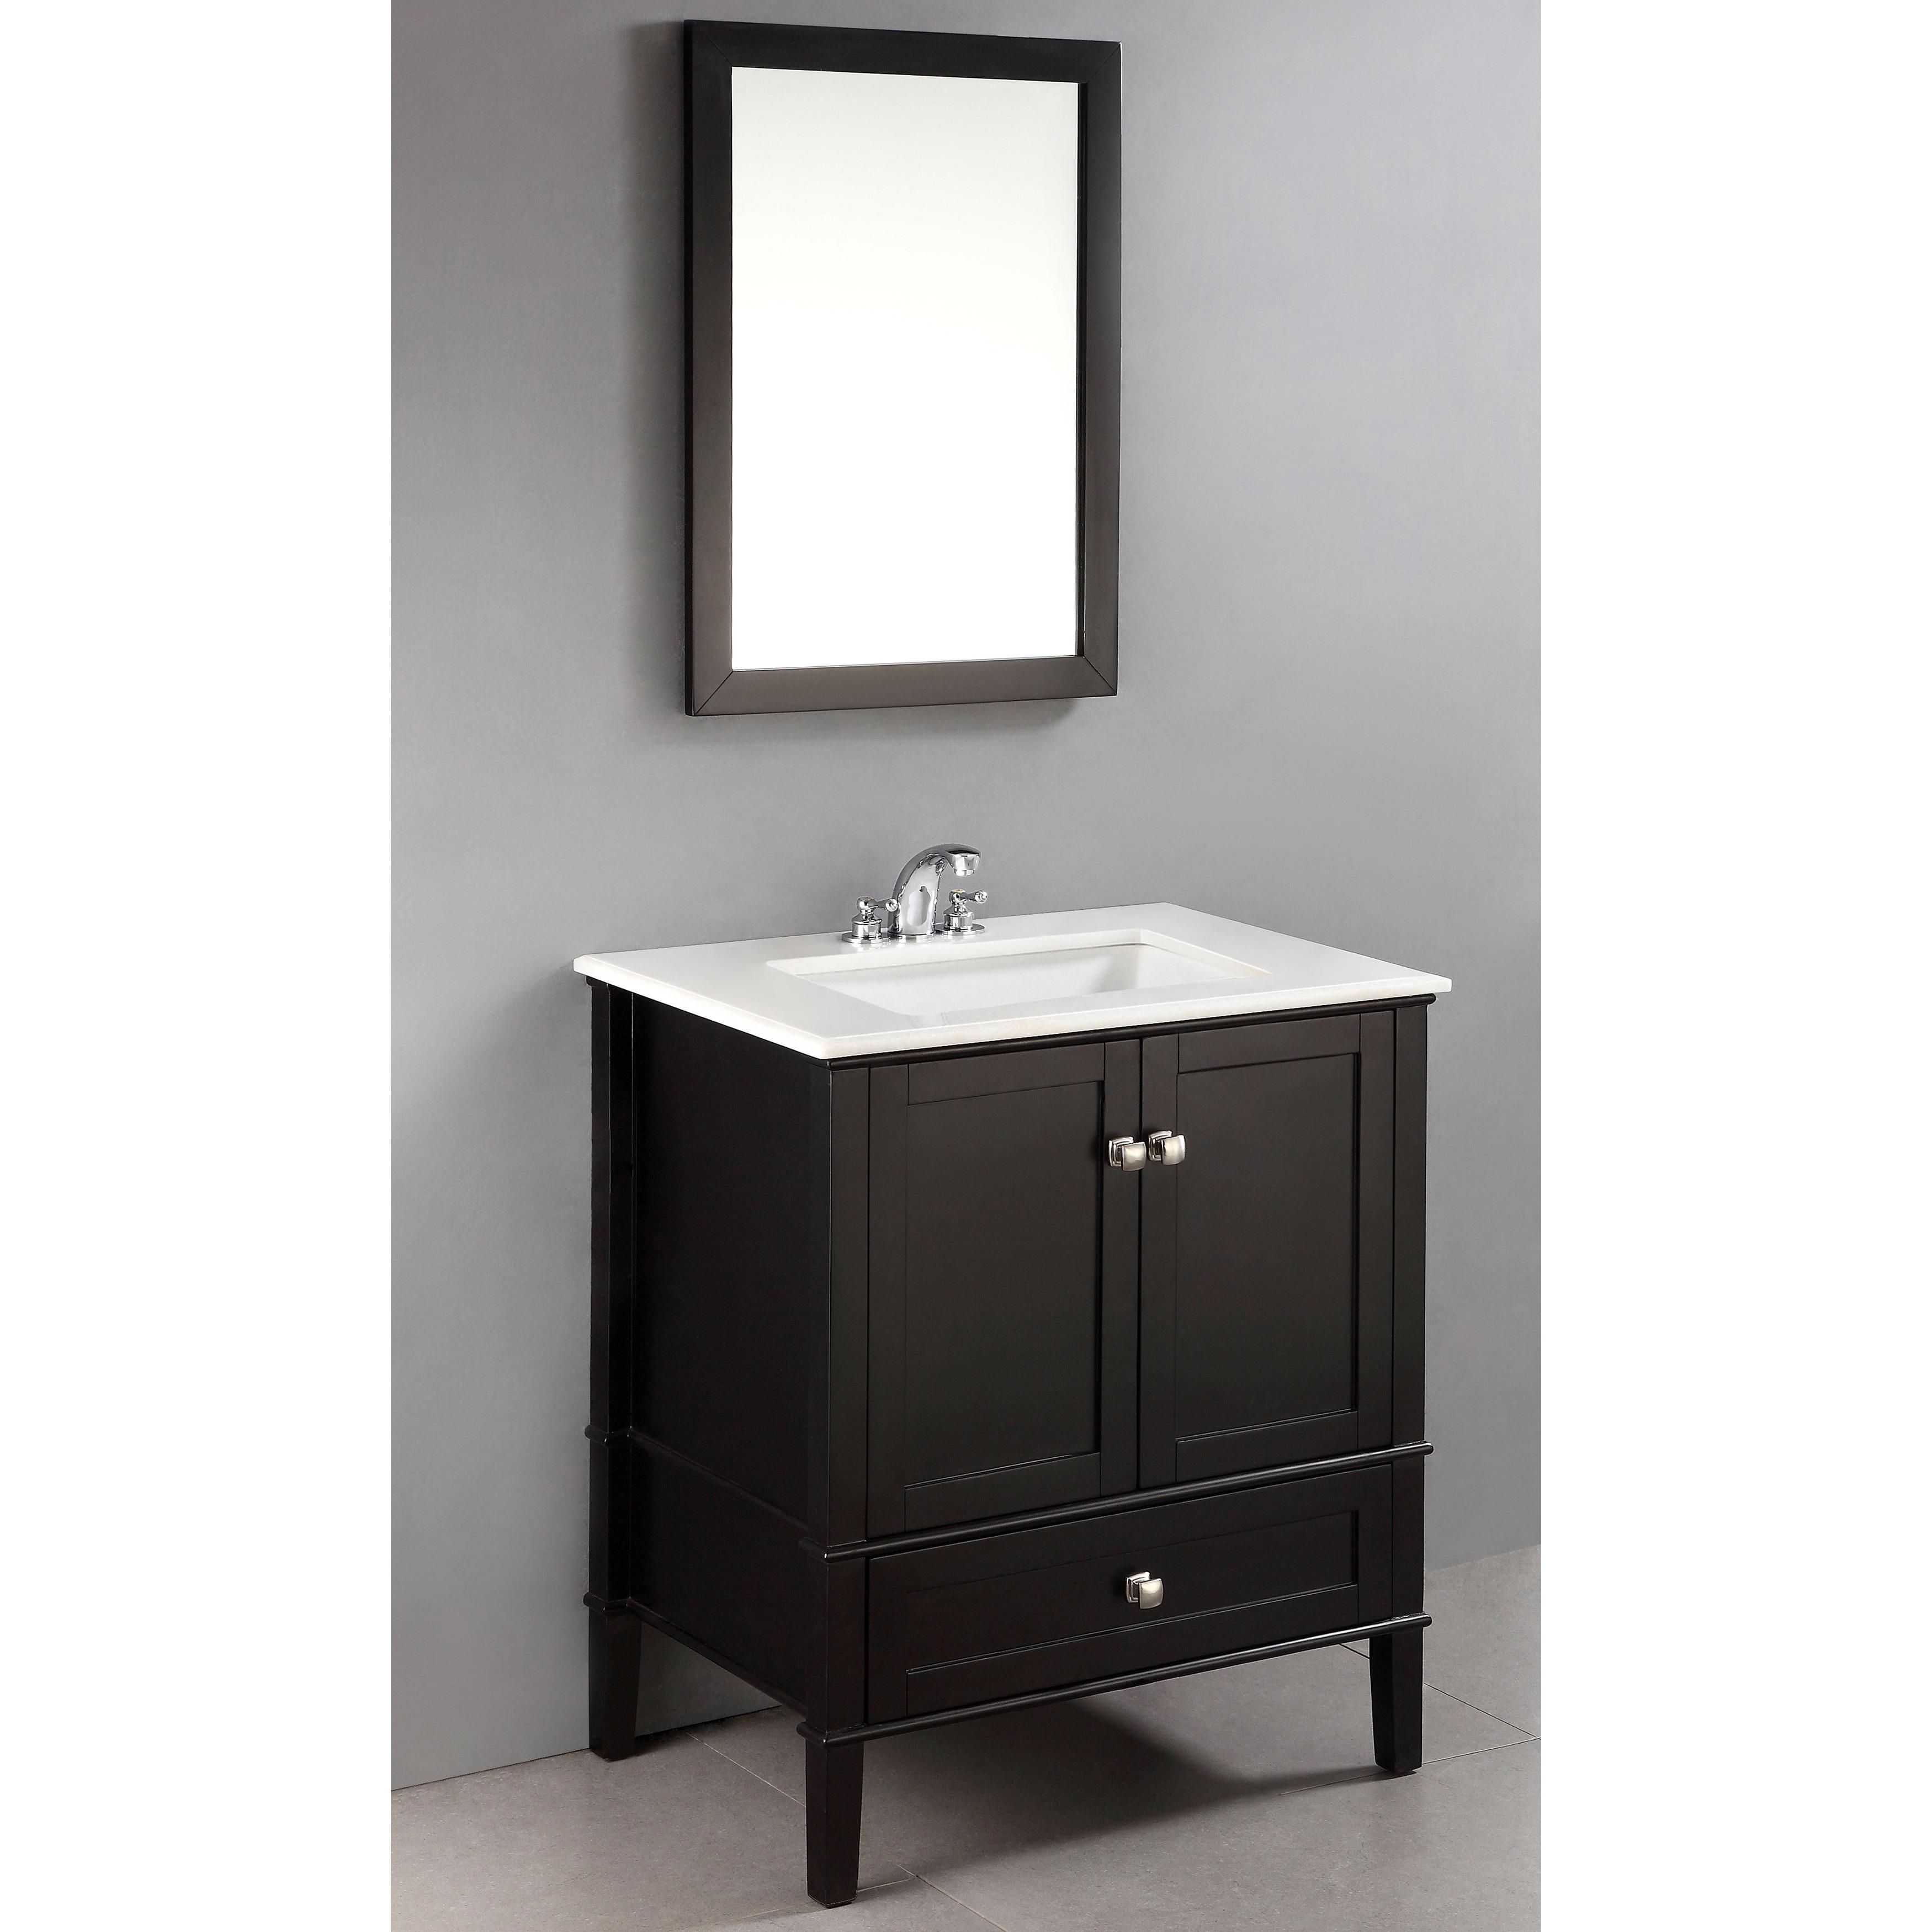 New Doors For Bathroom Vanity: Windham Black 30-inch Bath Vanity With 2 Doors, Bottom